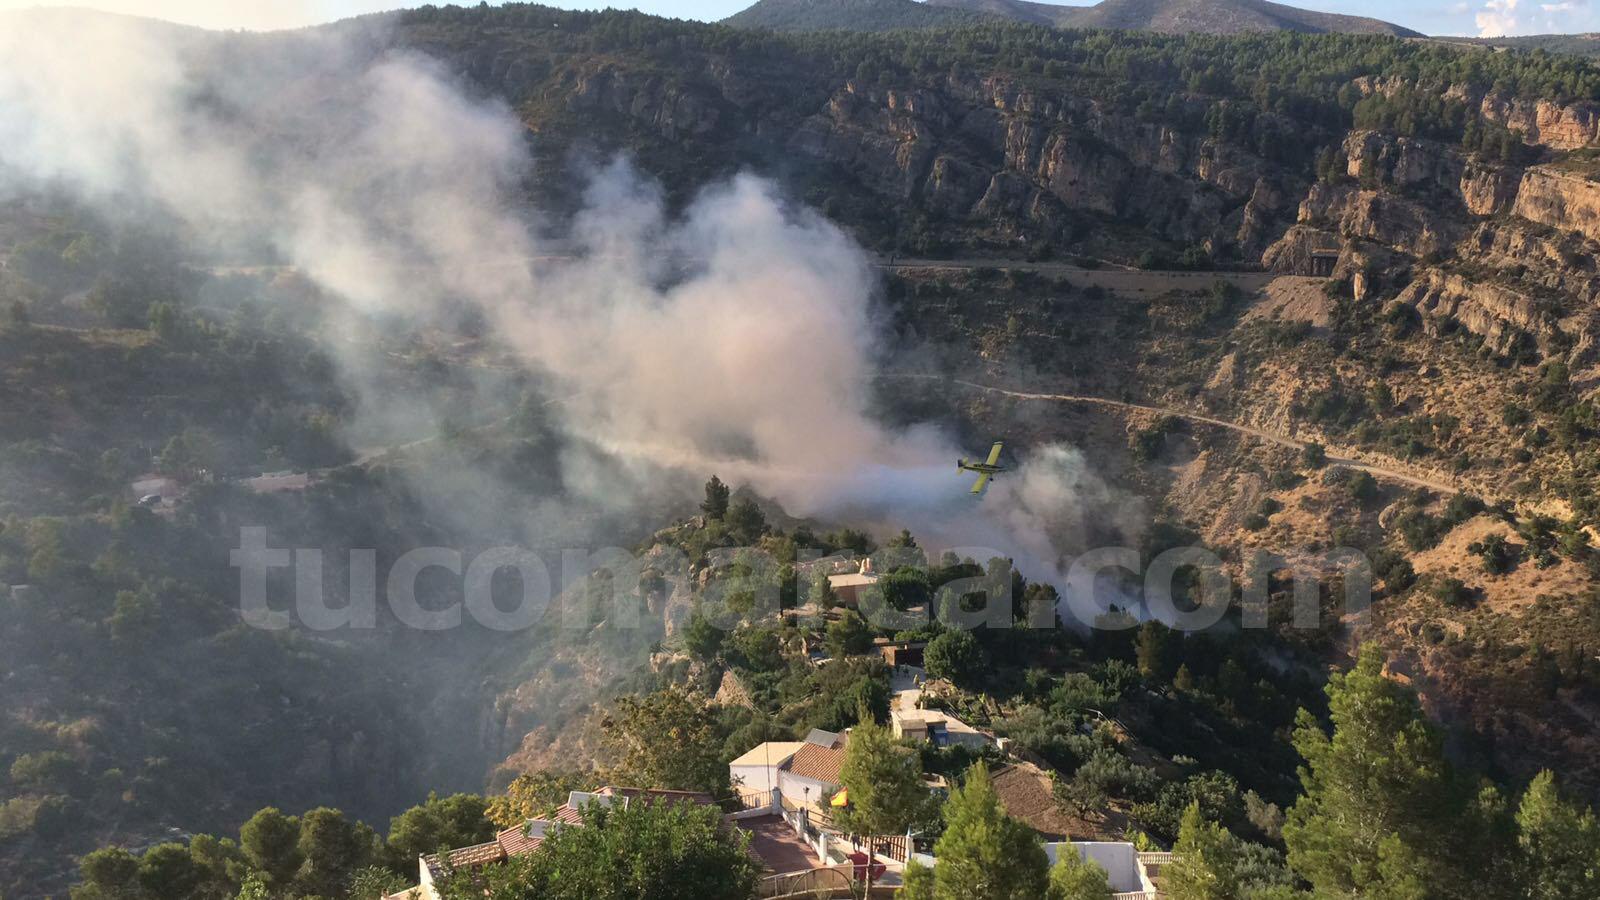 Uno de los efectivos aéreos trabajando en las tareas de extinción en el incendio declarado cerca de La Jarra de Buñol.